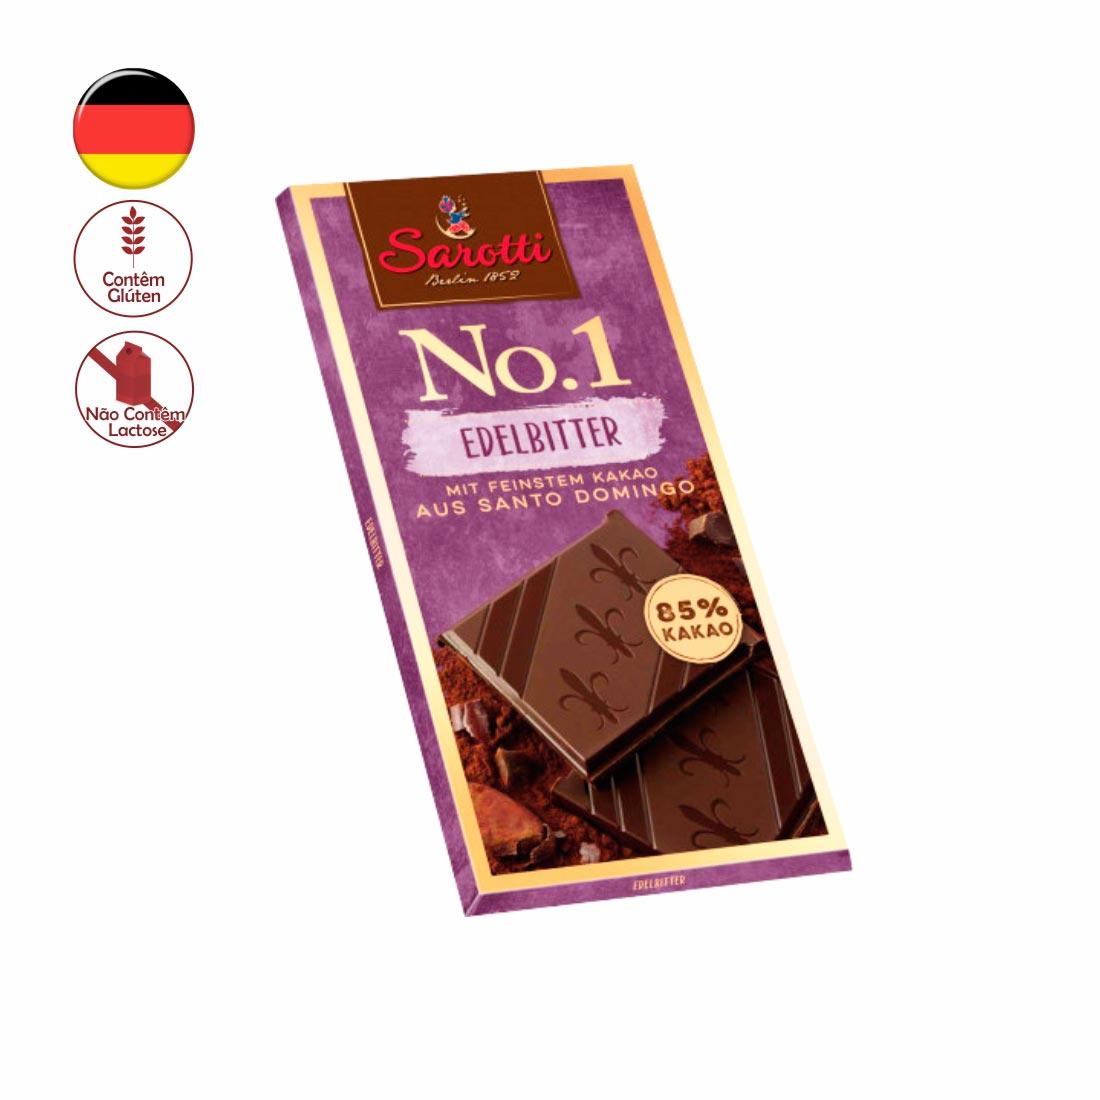 CHOCOLATE PURO 85% CACAU SANTO DOMINGO SAROTTI 100G EDELBITTER